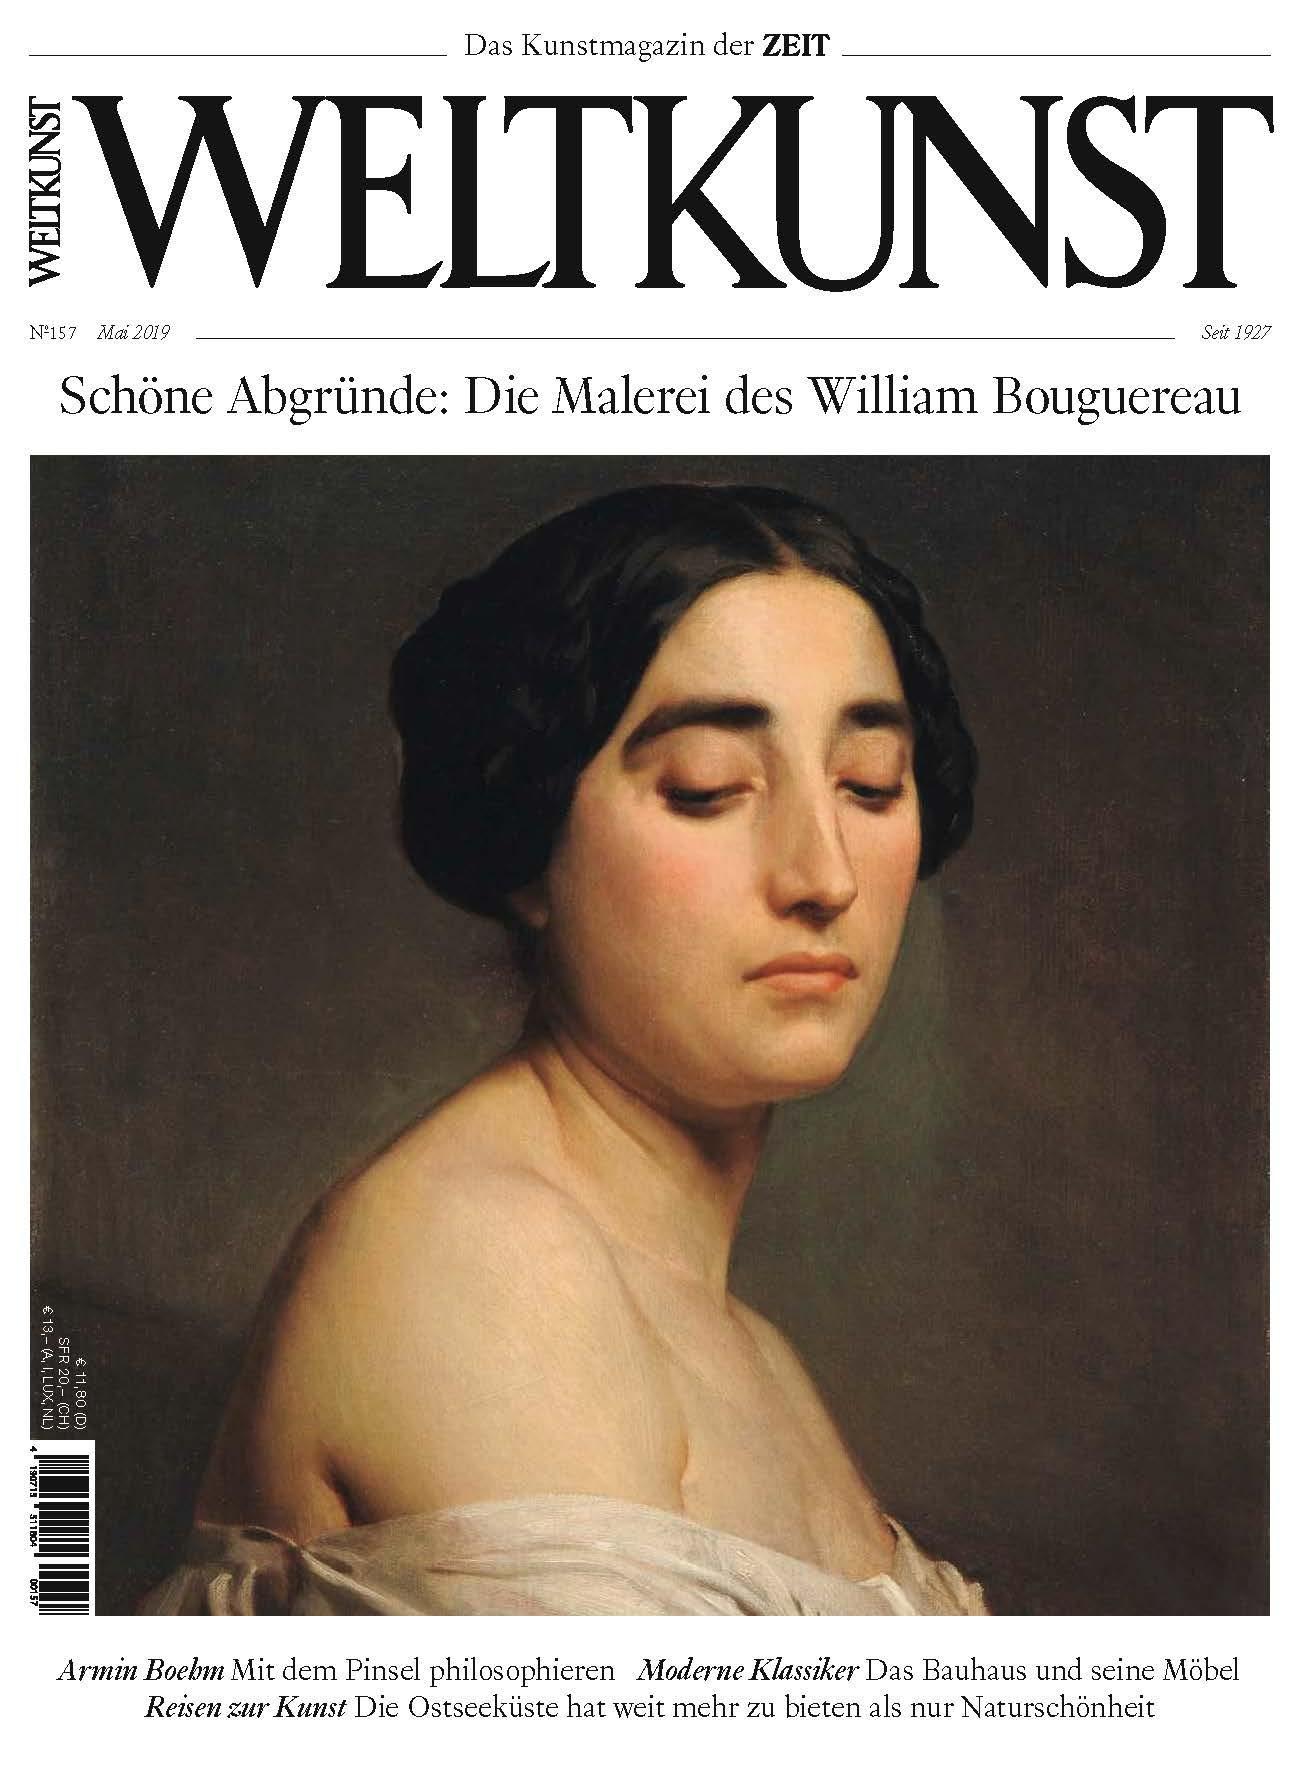 Marcel Breuer: Dieser Artikel stammt aus Weltkunst Heft Nr. 157/2019